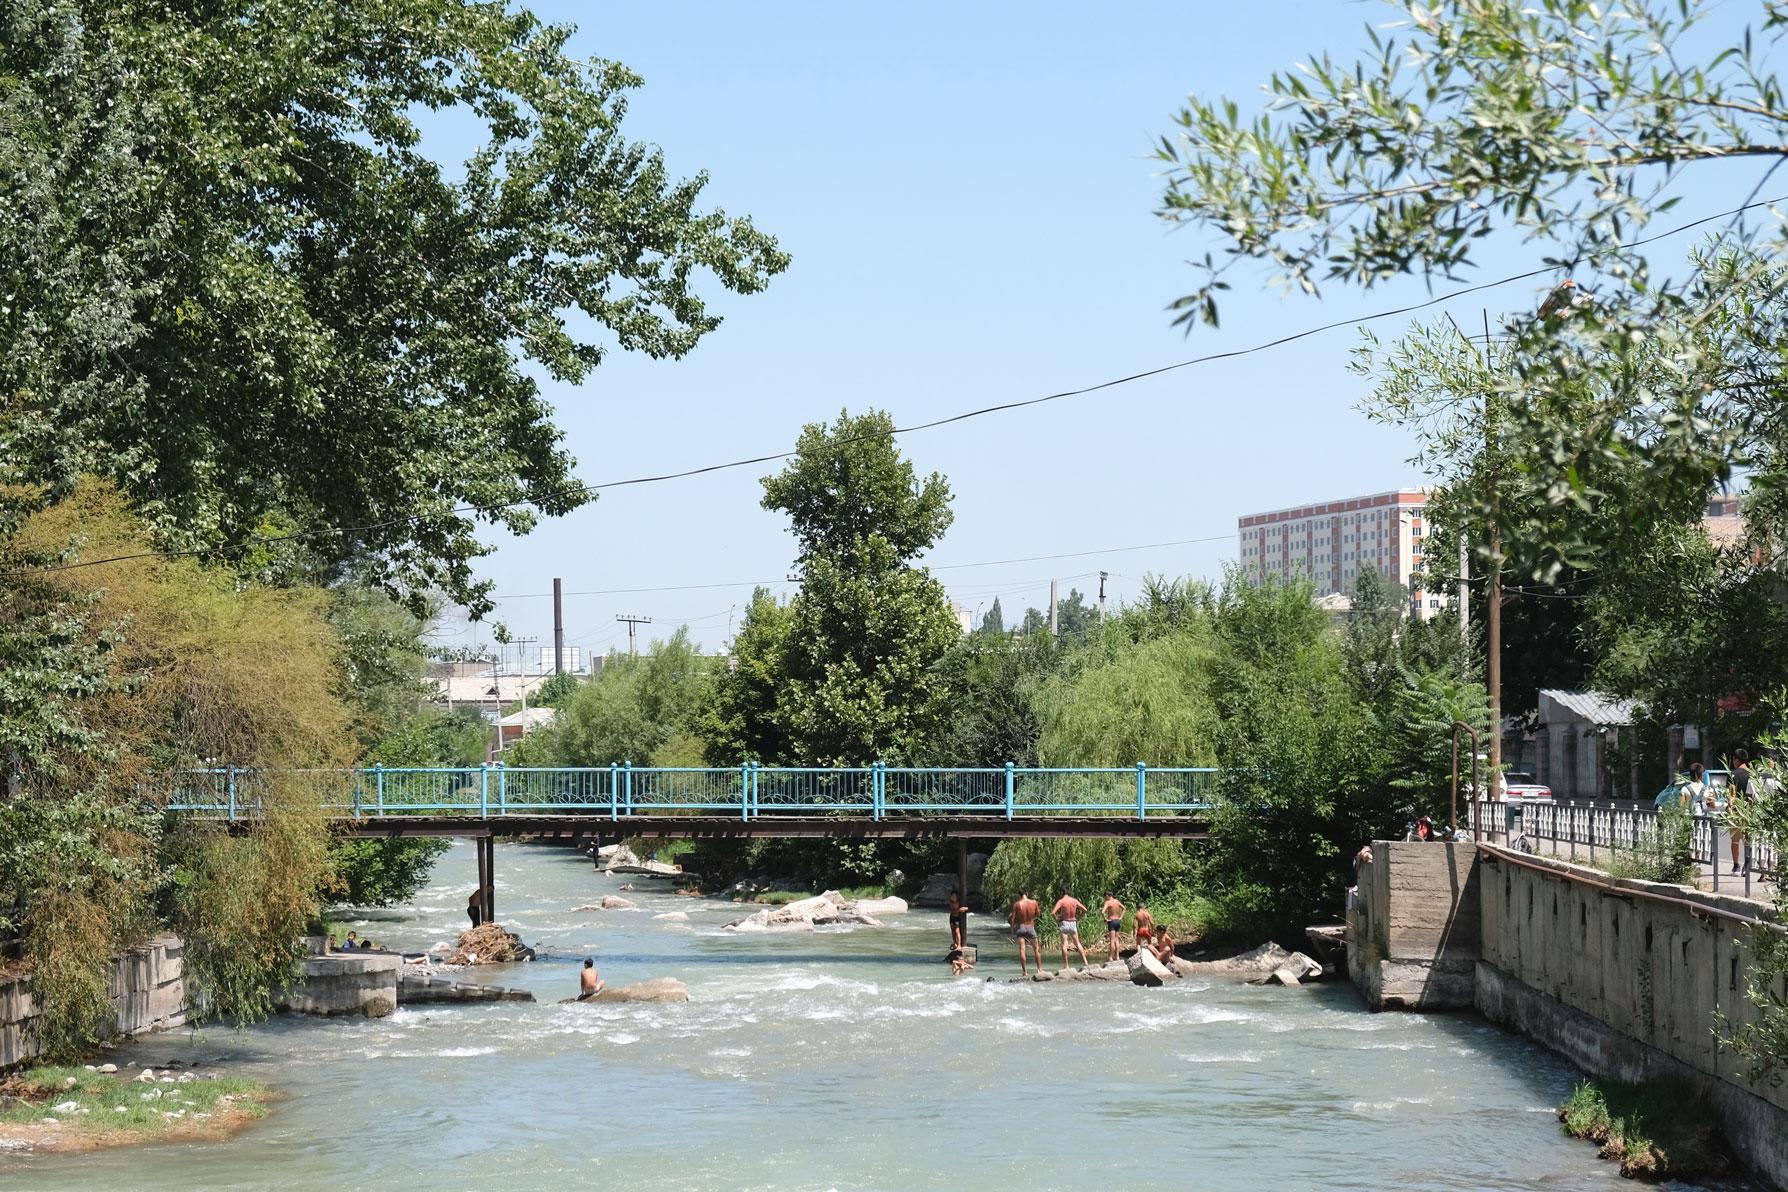 Menschen baden in einem Fluss.